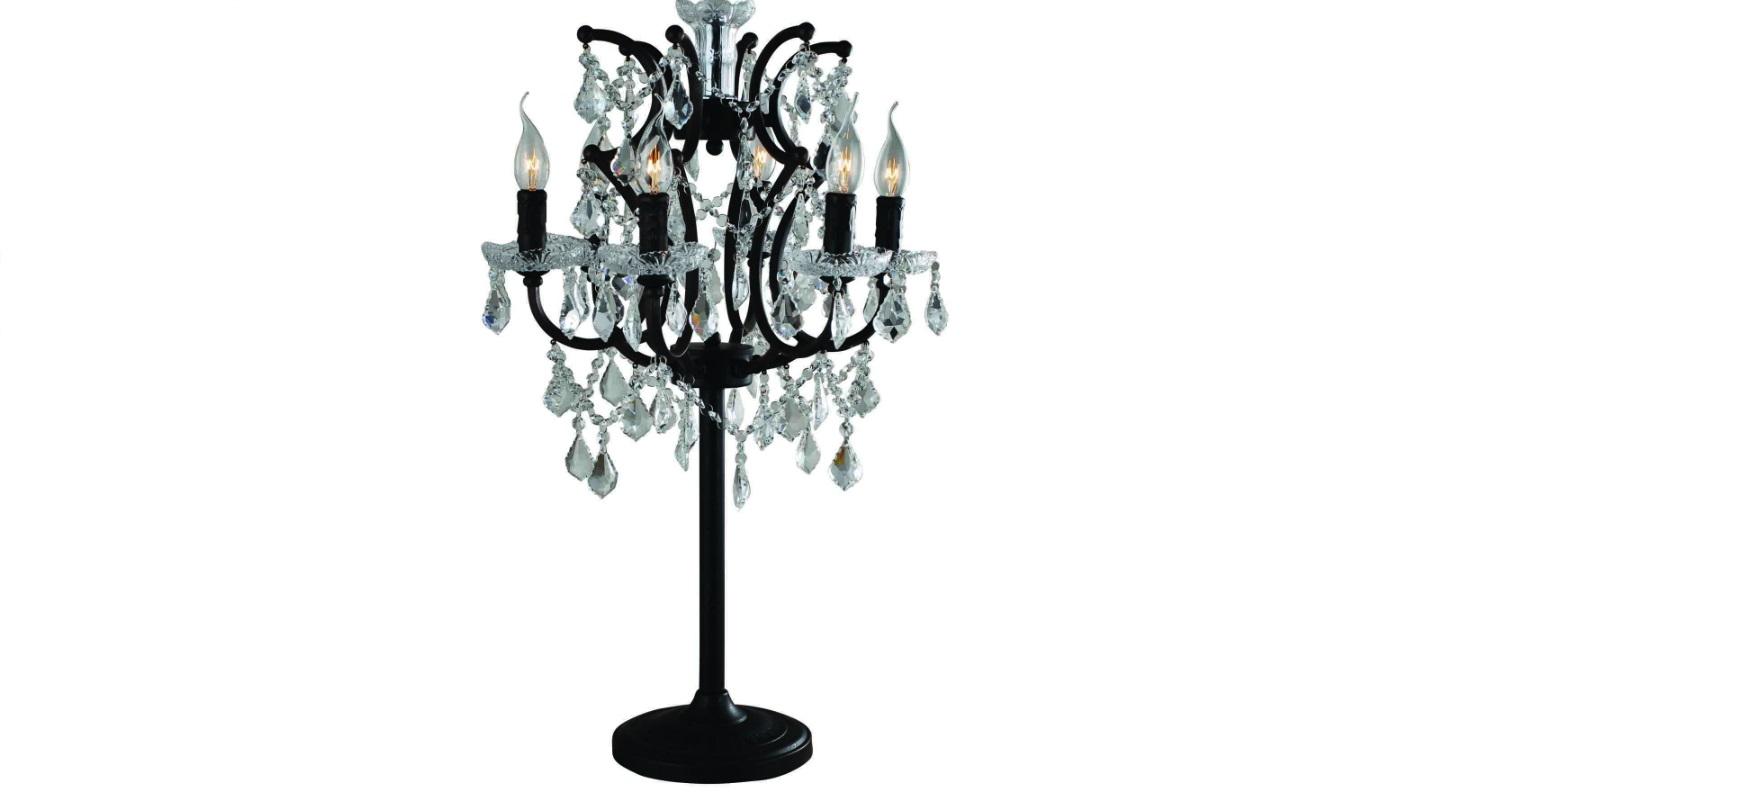 Настольная лампа PallaДекоративные лампы<br>Роскошная, изысканная лампа, которая несомненно завоюет сердце каждого и станет ярким аксессуаром комнаты. Основание лампы Palla выполнено из металла и украшена прозрачными, хрустальными подвесками. Ее элегантные формы наверняка вызовут восхищение ценителей изящных предметов интерьера.&amp;amp;nbsp;&amp;lt;div&amp;gt;&amp;lt;br&amp;gt;&amp;lt;/div&amp;gt;&amp;lt;div&amp;gt;Материал: металл, стекло.&amp;lt;/div&amp;gt;&amp;lt;div&amp;gt;&amp;lt;div&amp;gt;Количество ламп: 6.&amp;lt;/div&amp;gt;&amp;lt;div&amp;gt;Тип цоколя: Е14.&amp;lt;/div&amp;gt;&amp;lt;/div&amp;gt;&amp;lt;div&amp;gt;Мощность: 25W.&amp;lt;br&amp;gt;&amp;lt;/div&amp;gt;<br><br>Material: Металл